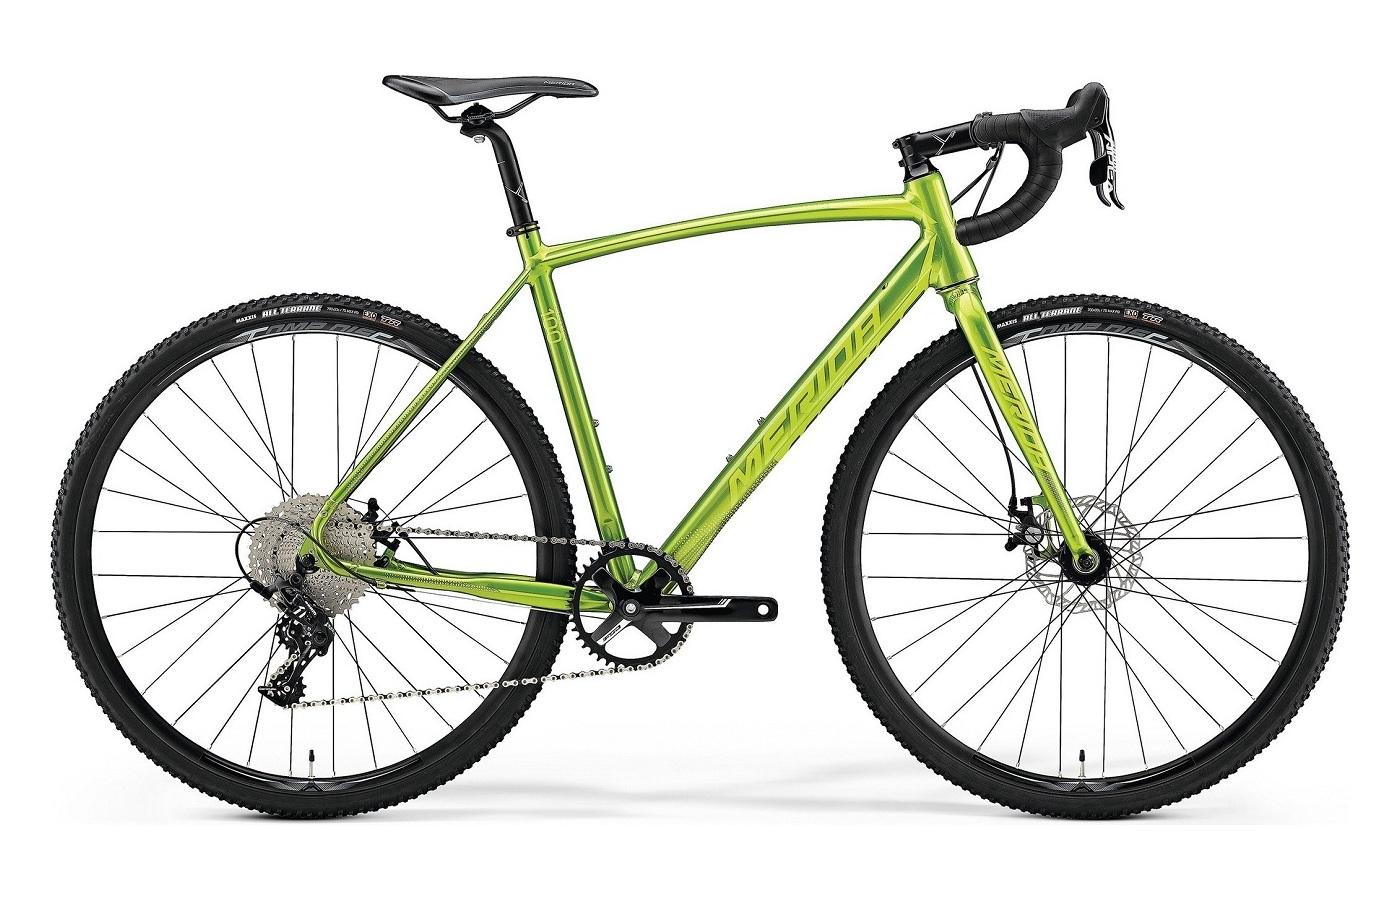 заранее велосипеды мерида картинки объект